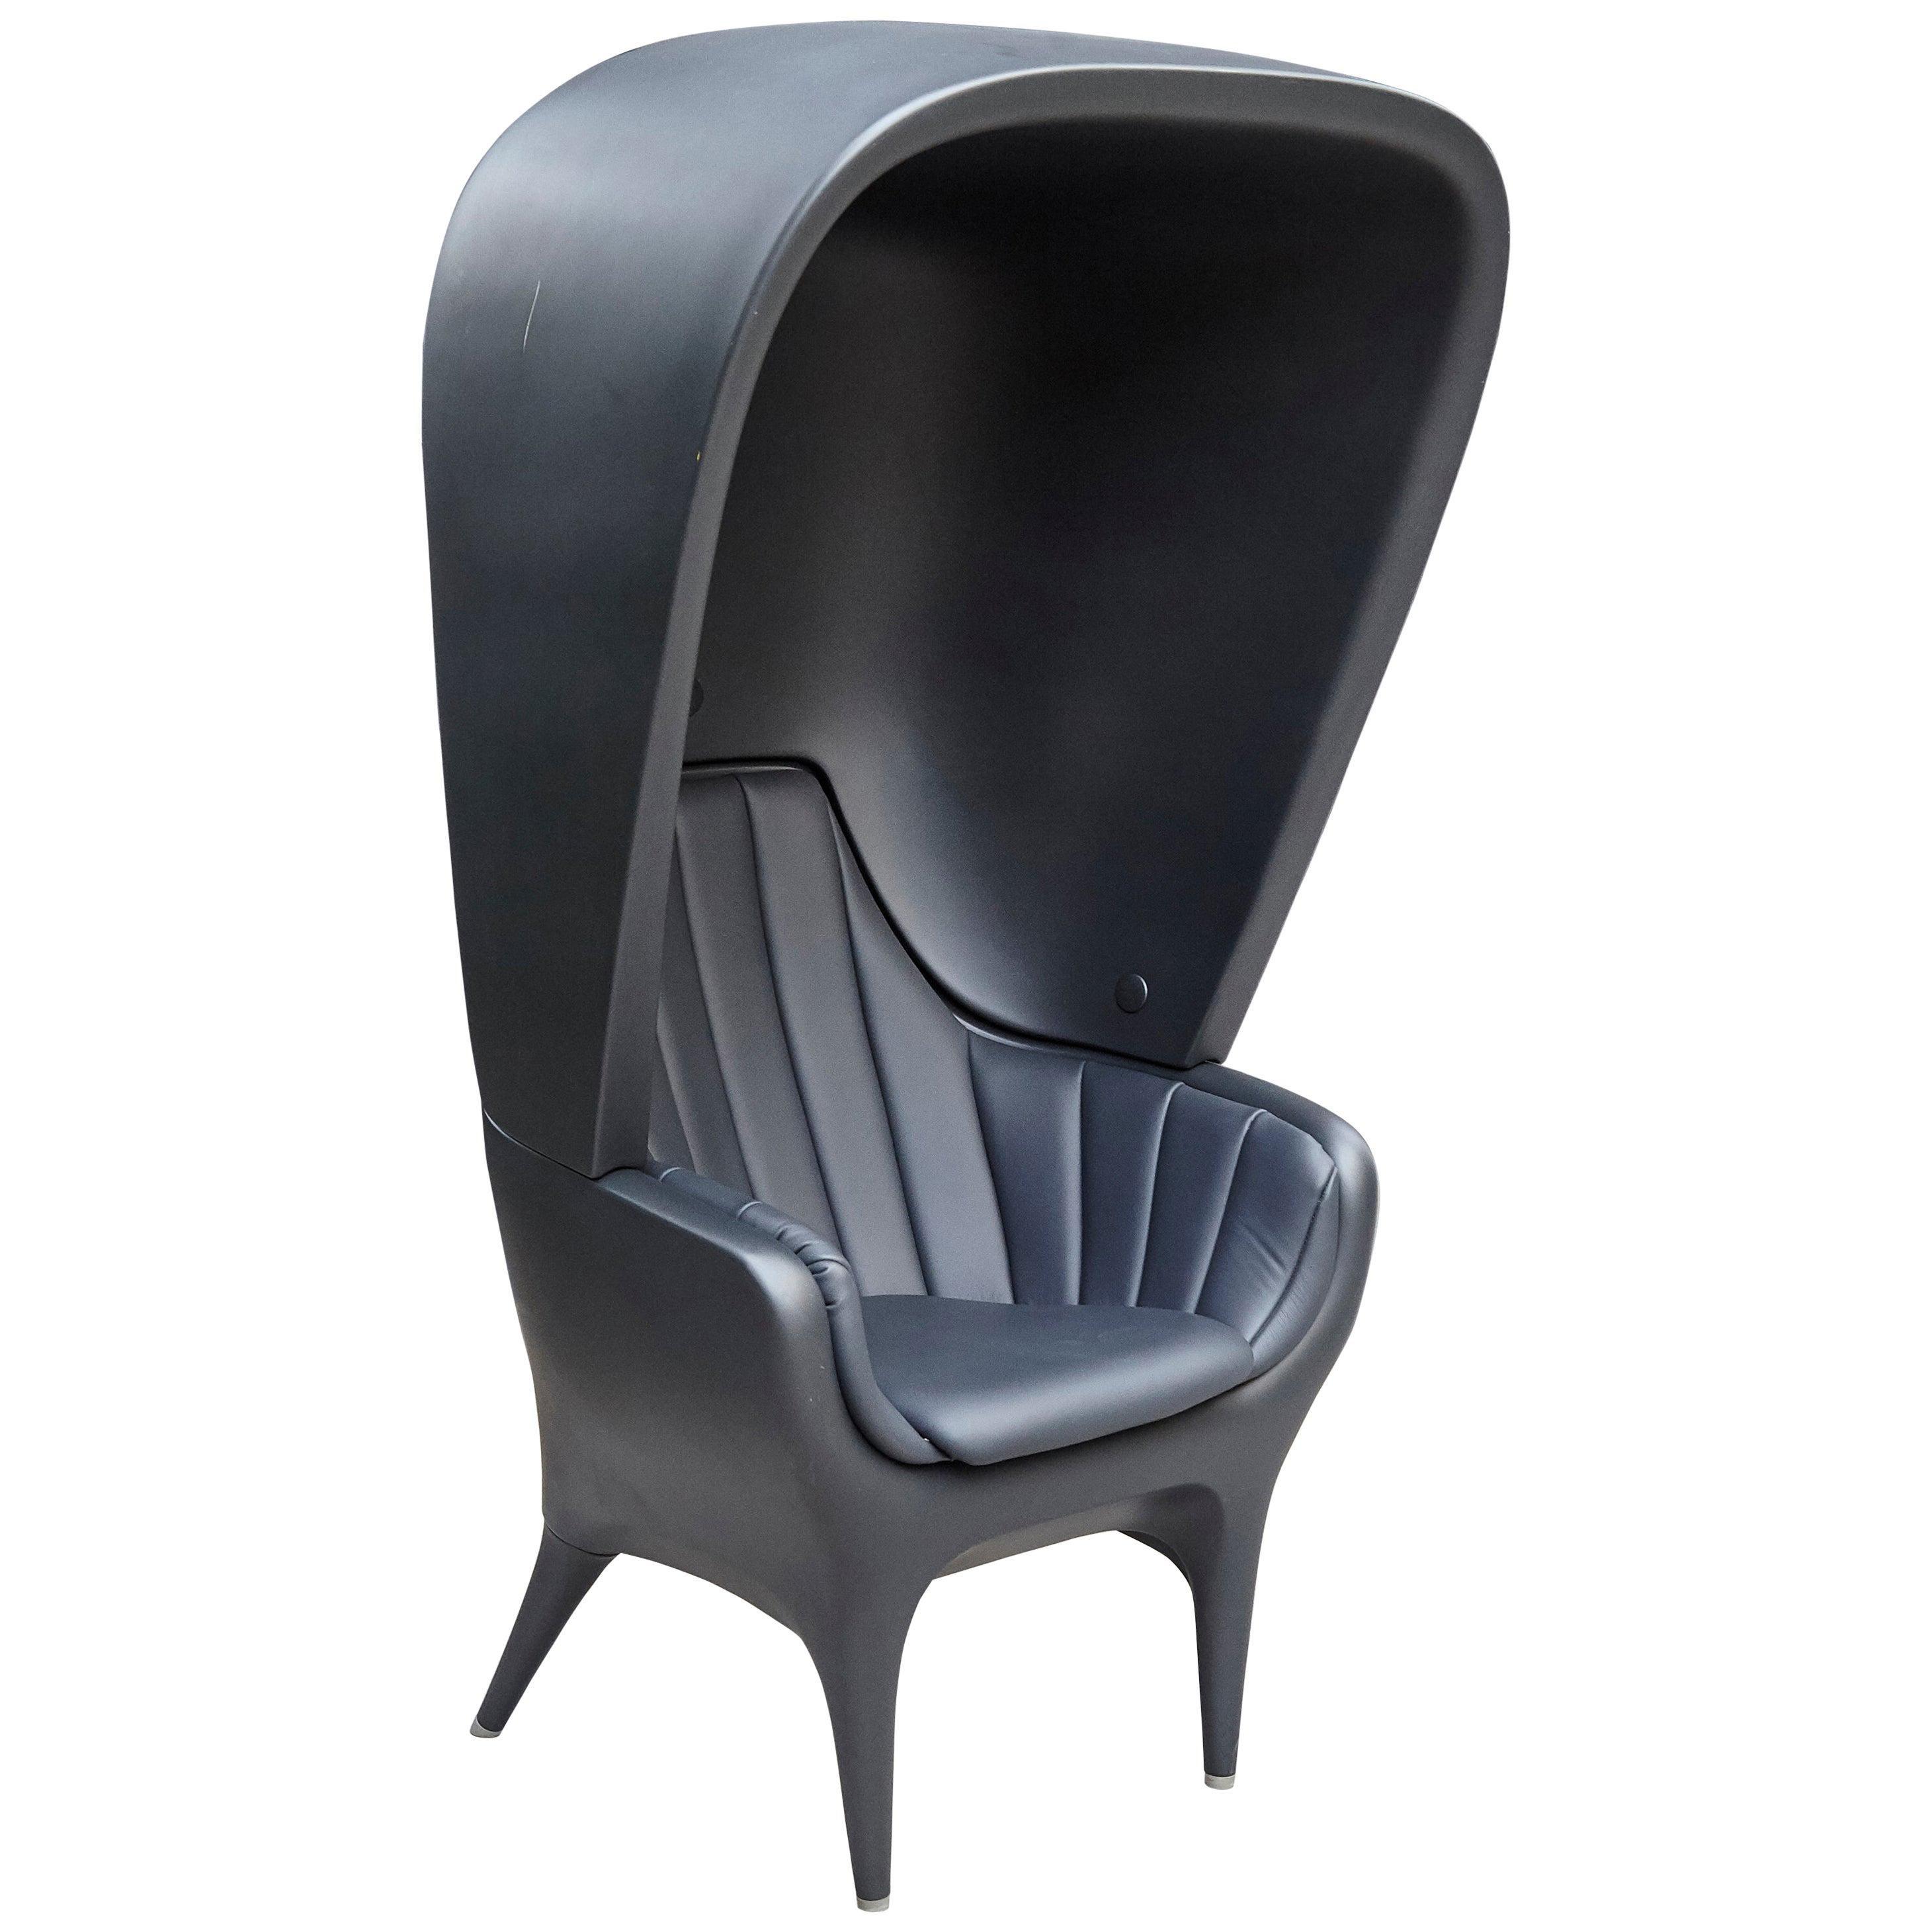 Jaime Hayon Contemporary Showtime Armchair Black Poltrona